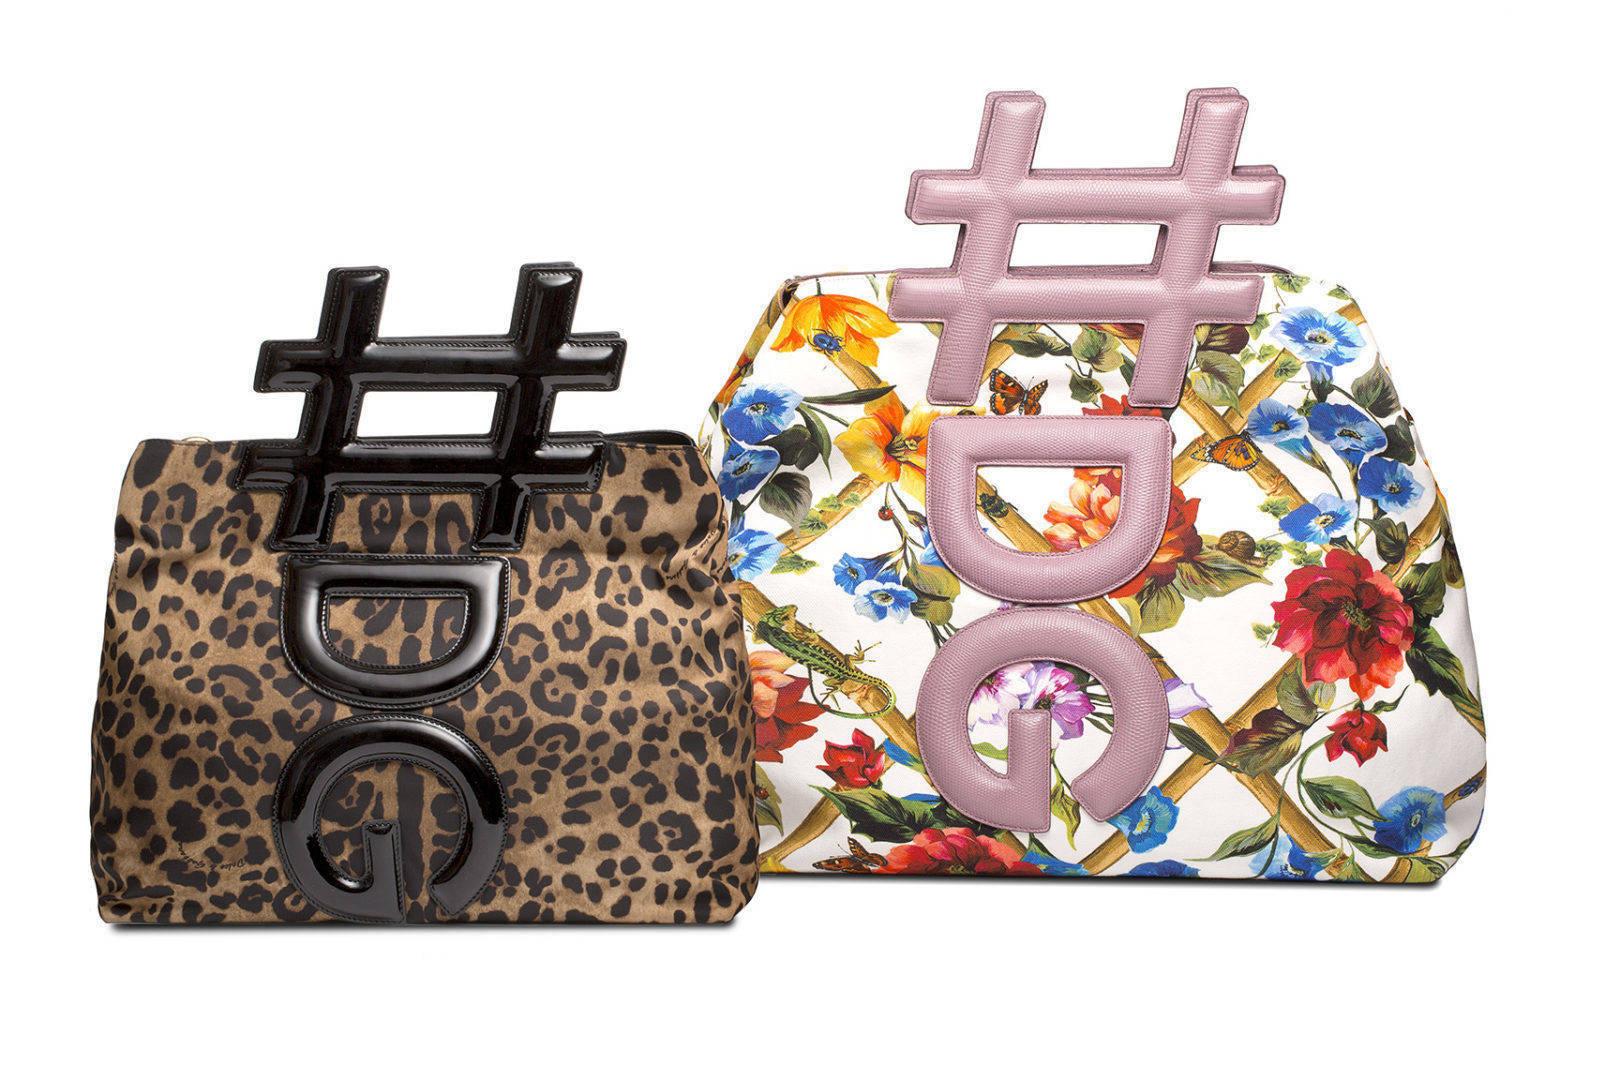 DolceGabbana_accessories_main-collection_PE18-27